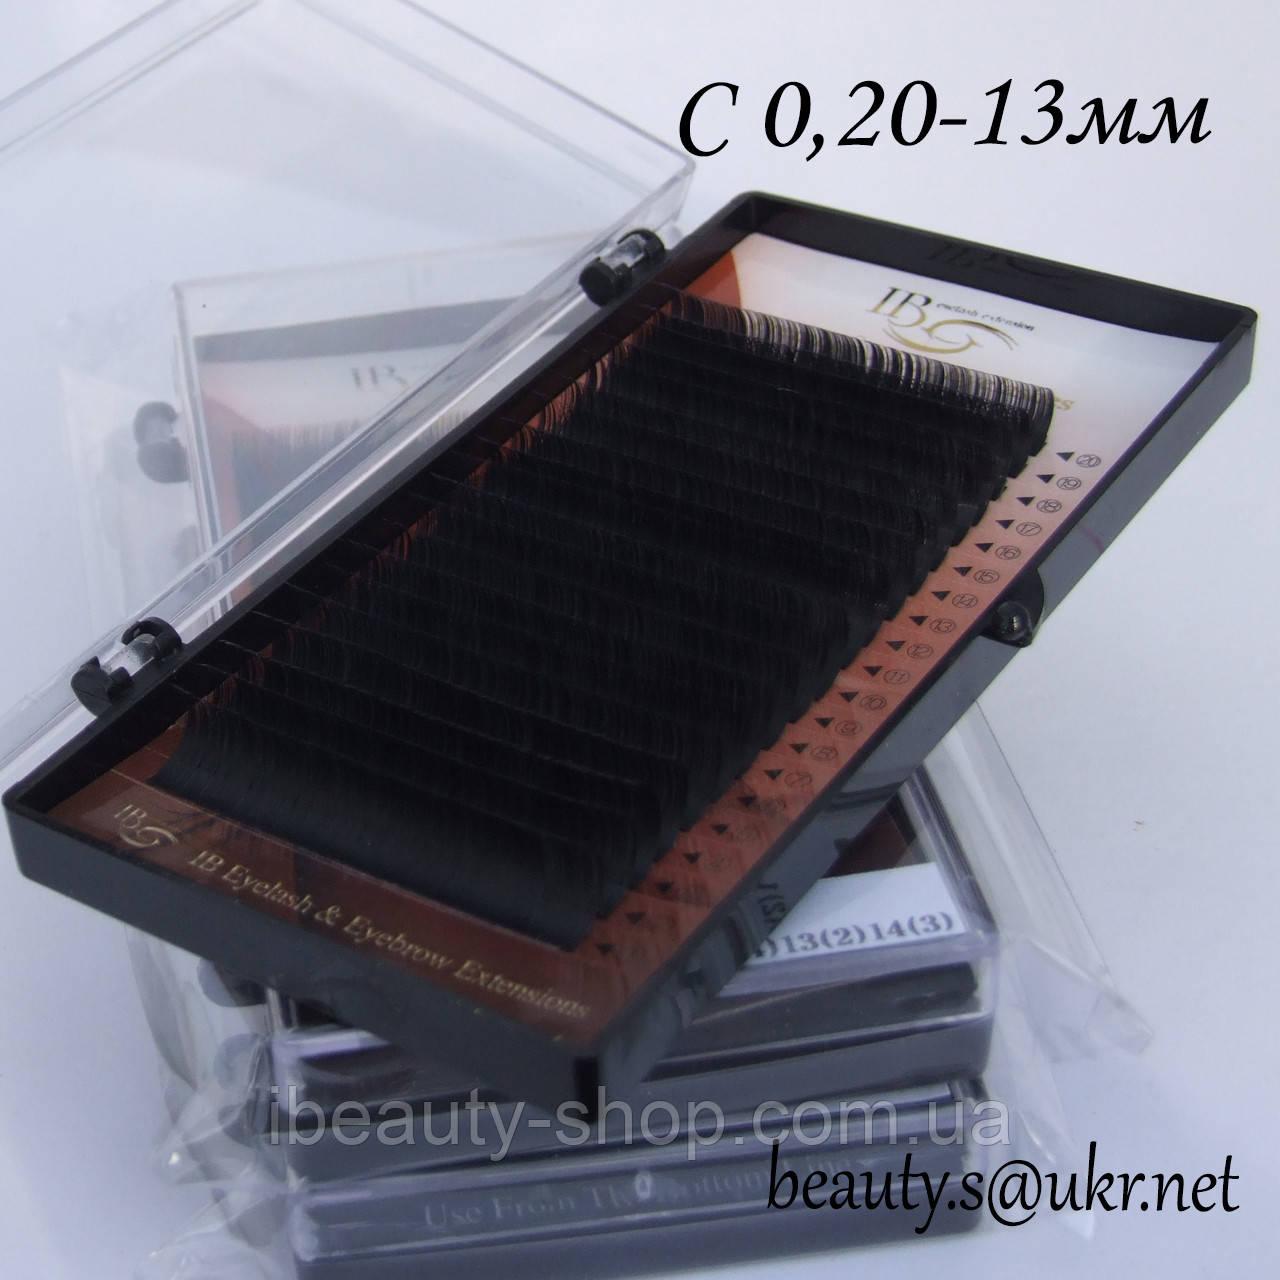 Ресницы  I-Beauty на ленте С-0,20 13мм